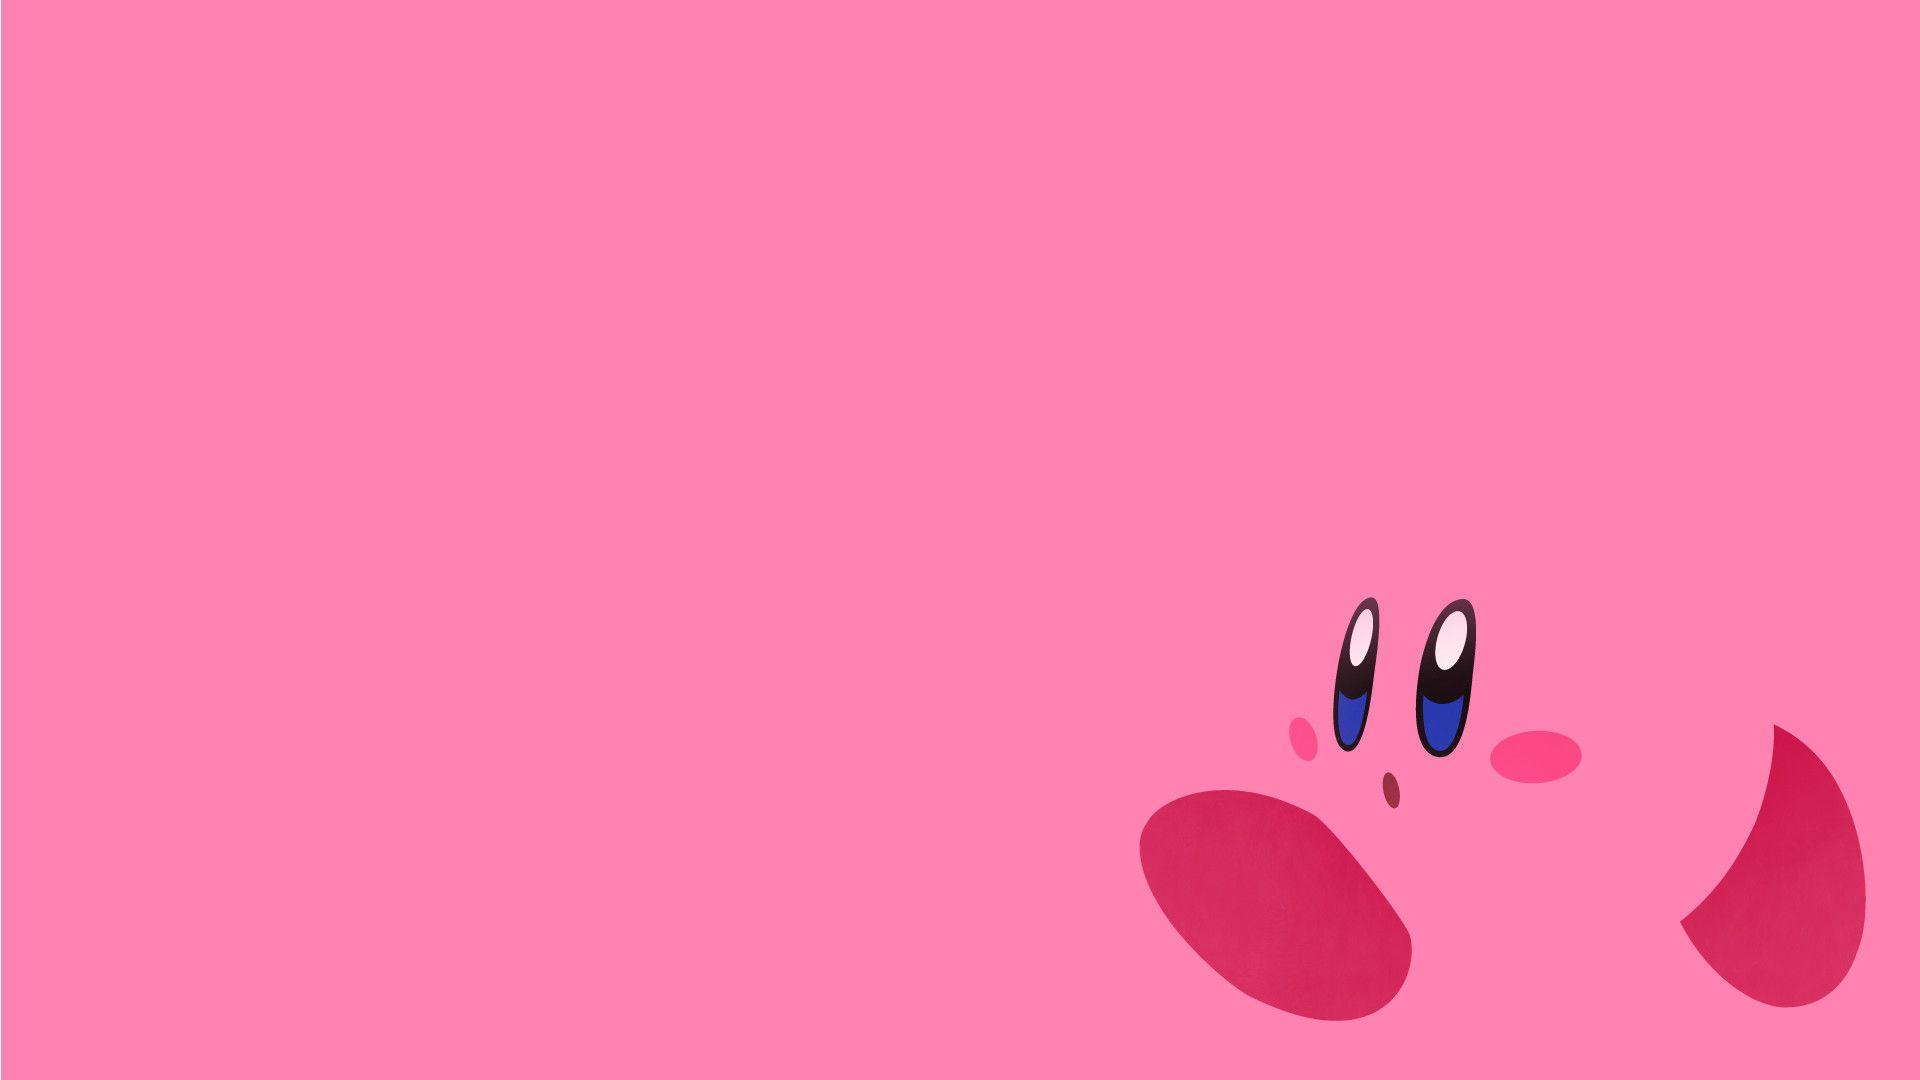 Kirby vertical wallpaper hd